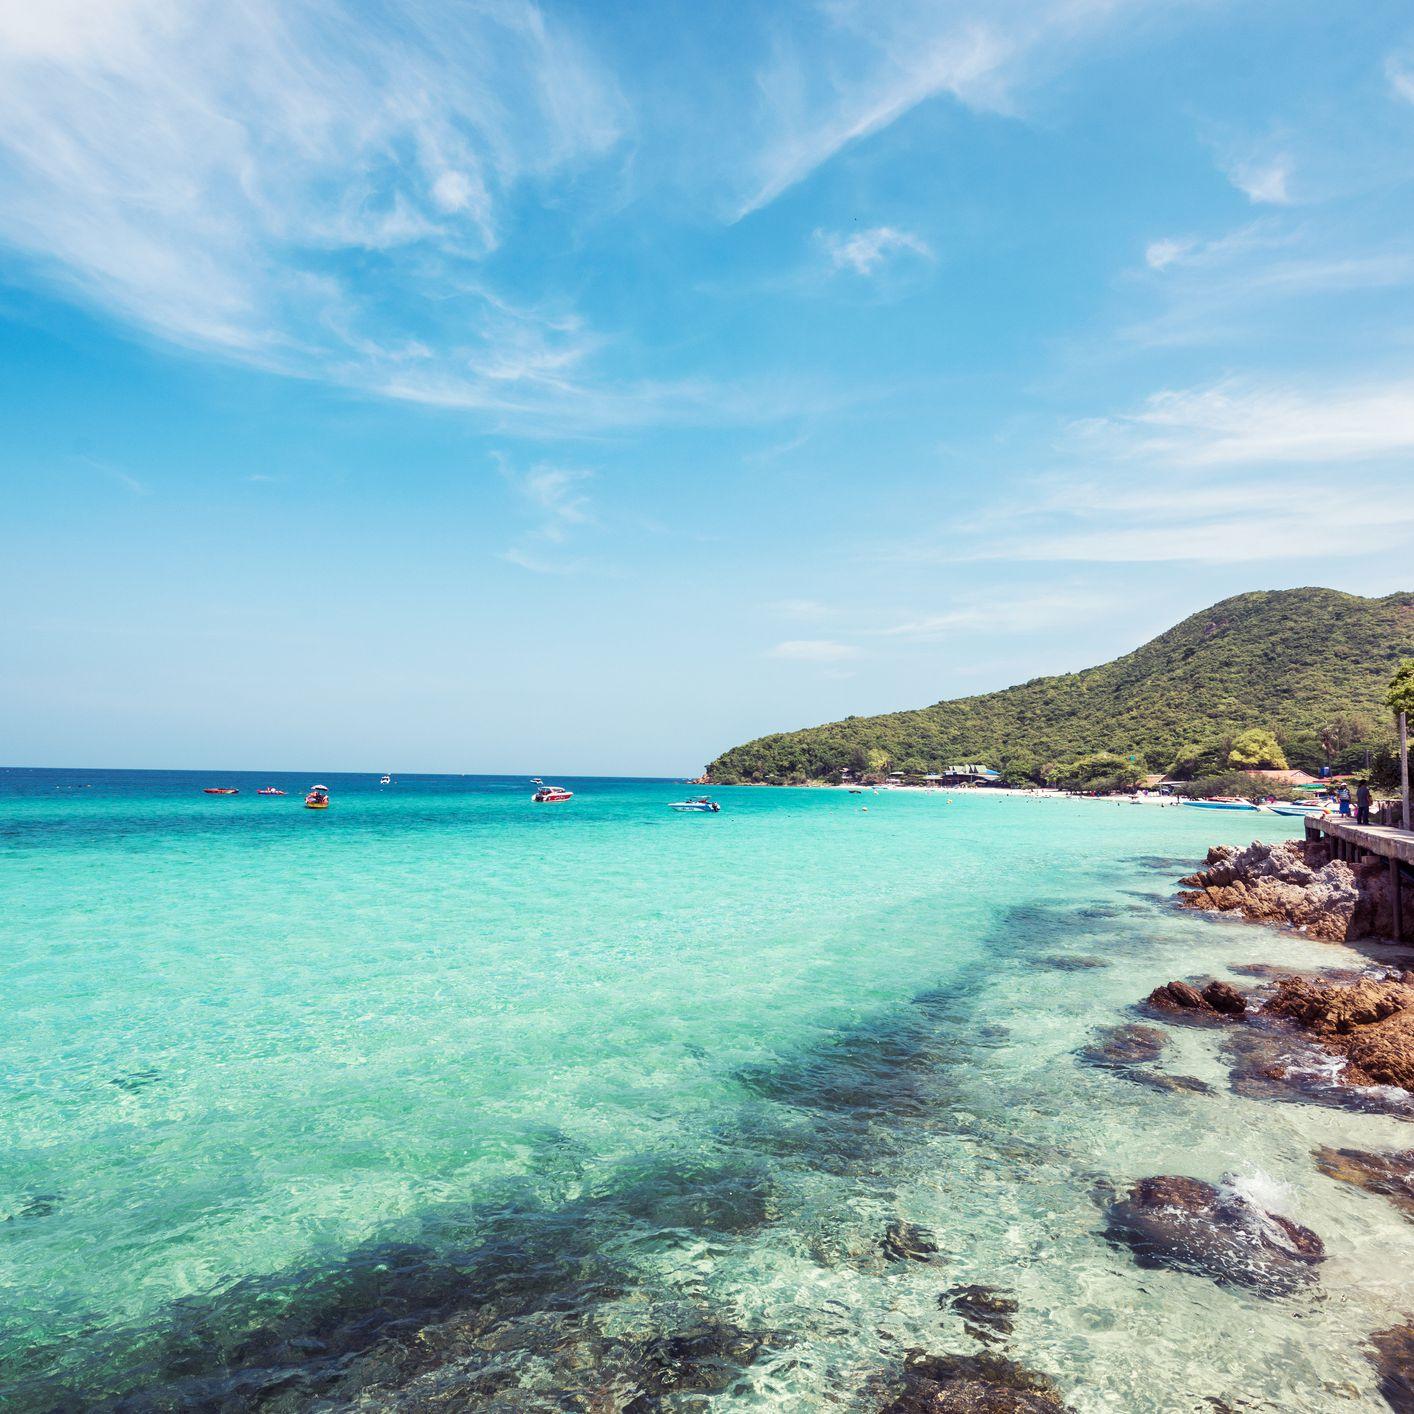 The 8 Best Beaches in Pattaya